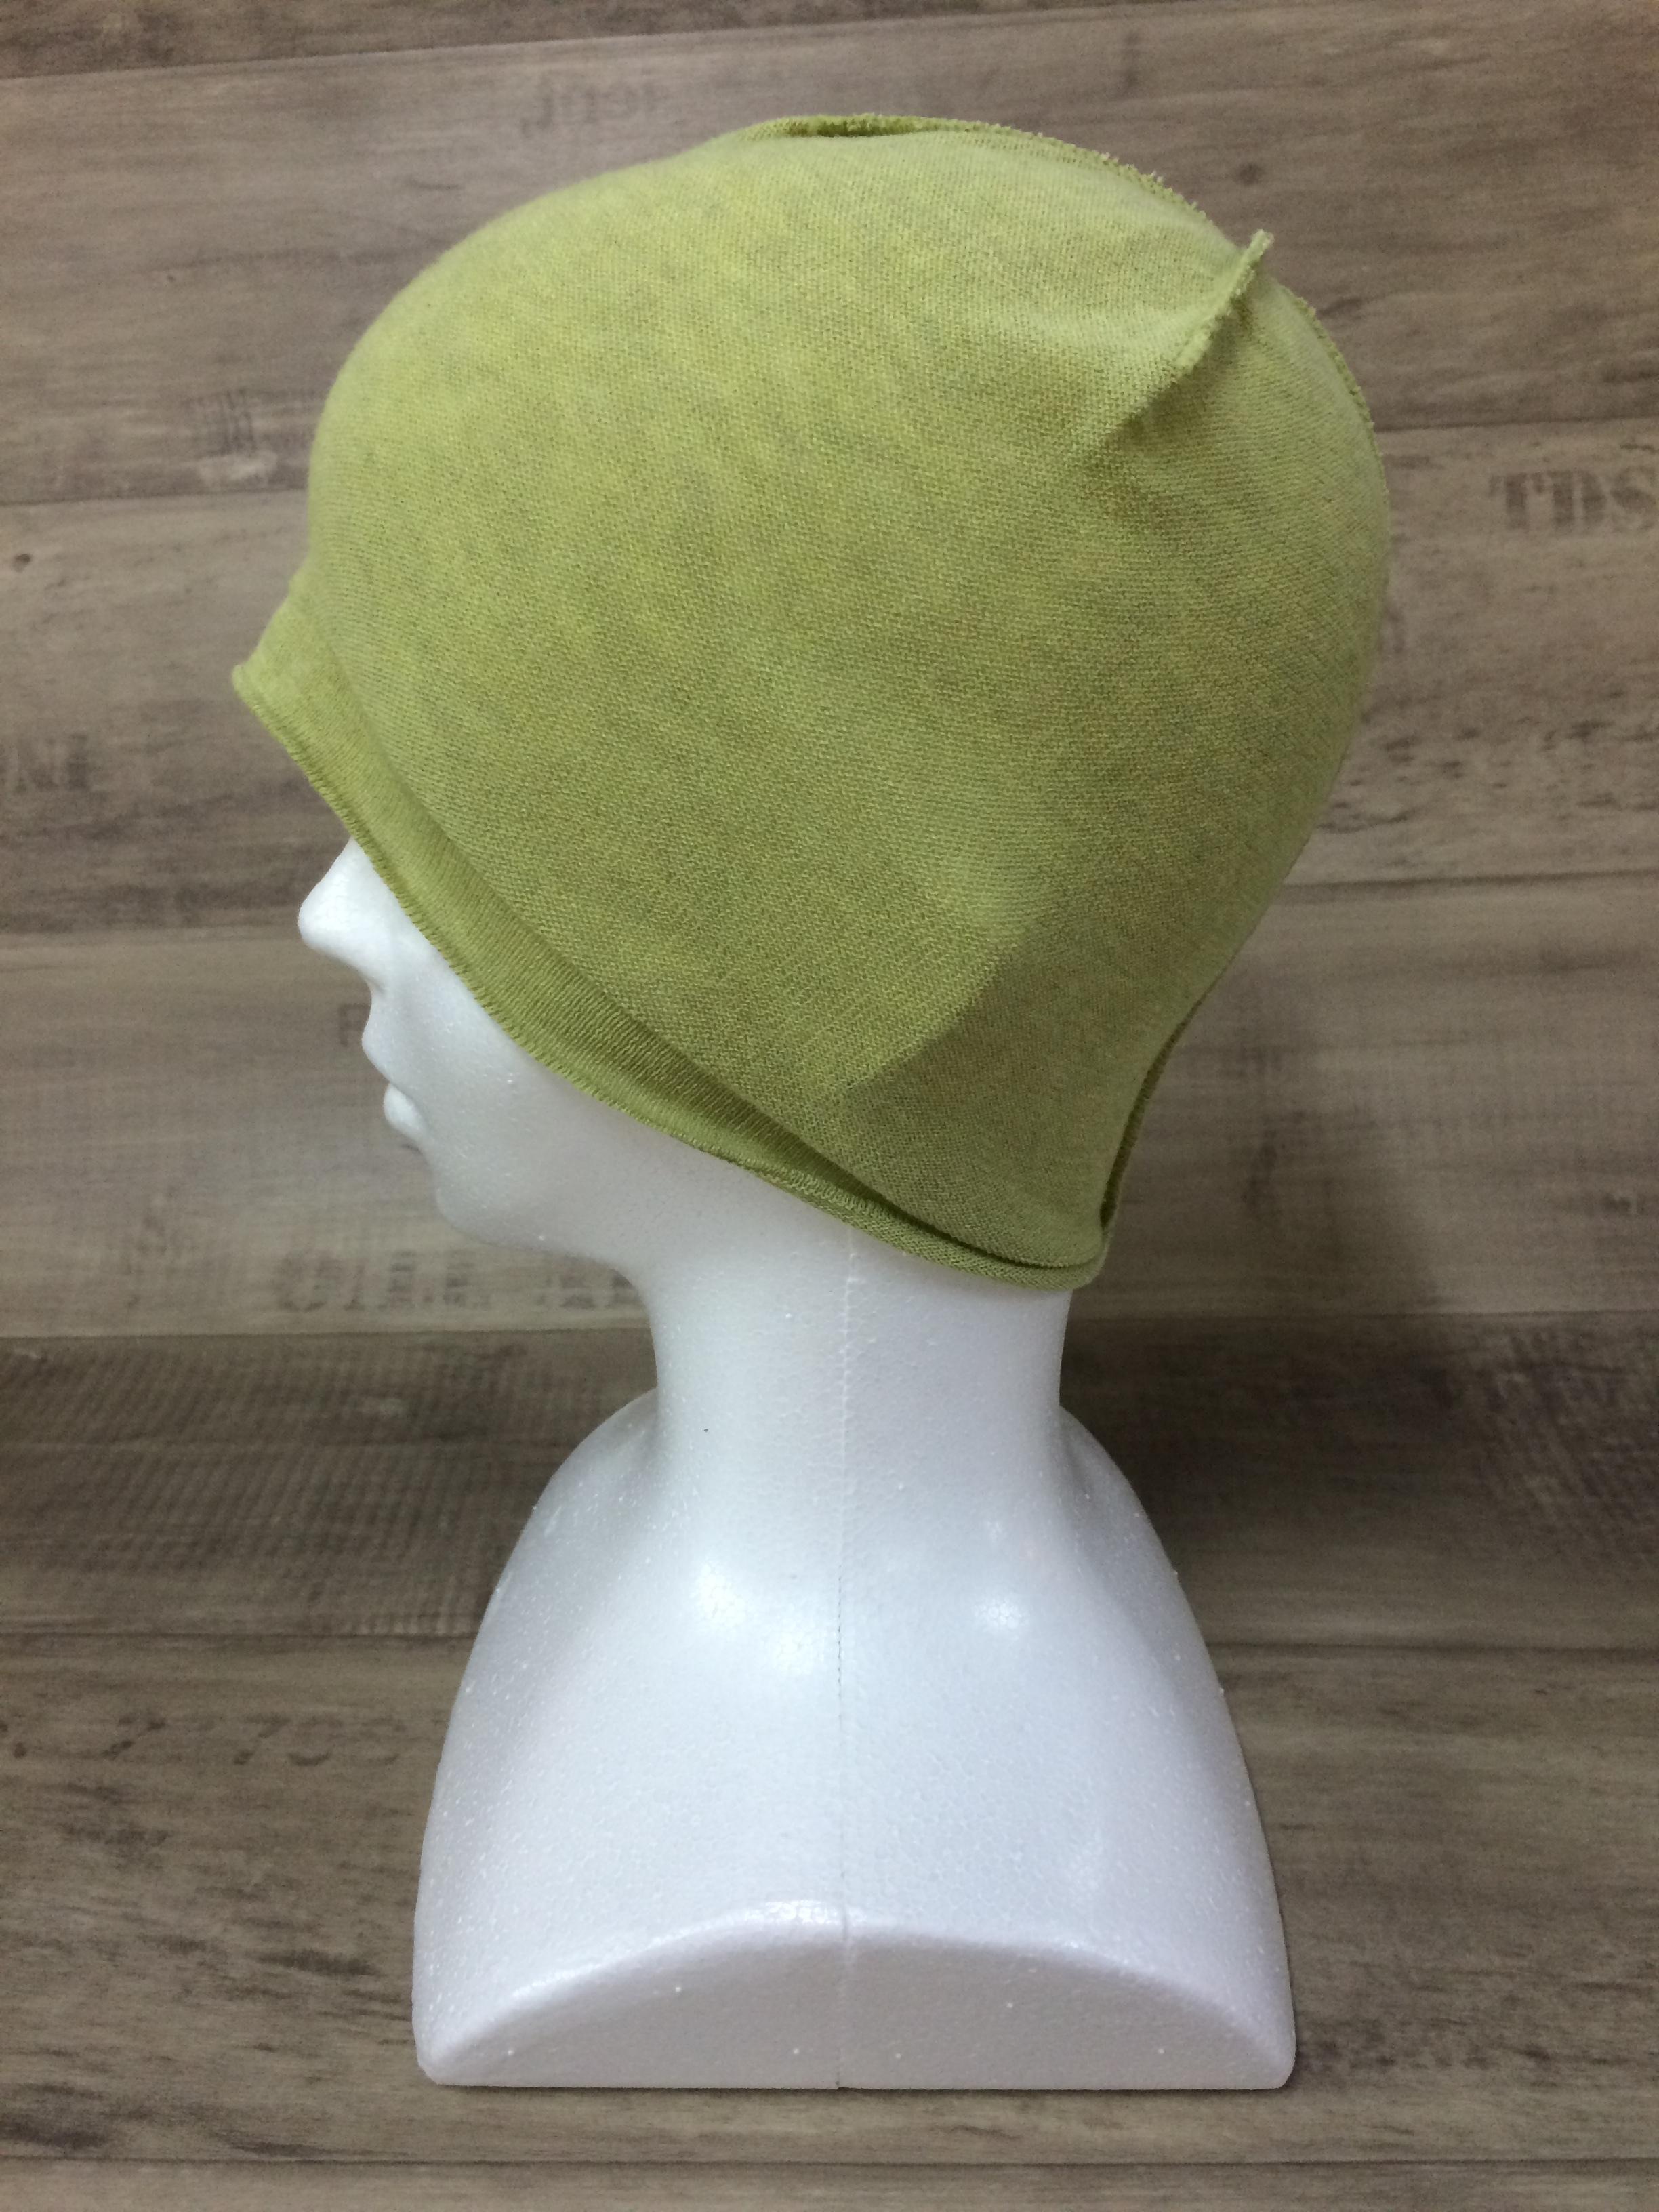 【送料無料】こころが軽くなるニット帽子amuamu|新潟の老舗ニットメーカーが考案した抗がん治療中の脱毛ストレスを軽減する機能性と豊富なデザイン NB-6057|ピスタチオ <オーガニックコットン インナー>